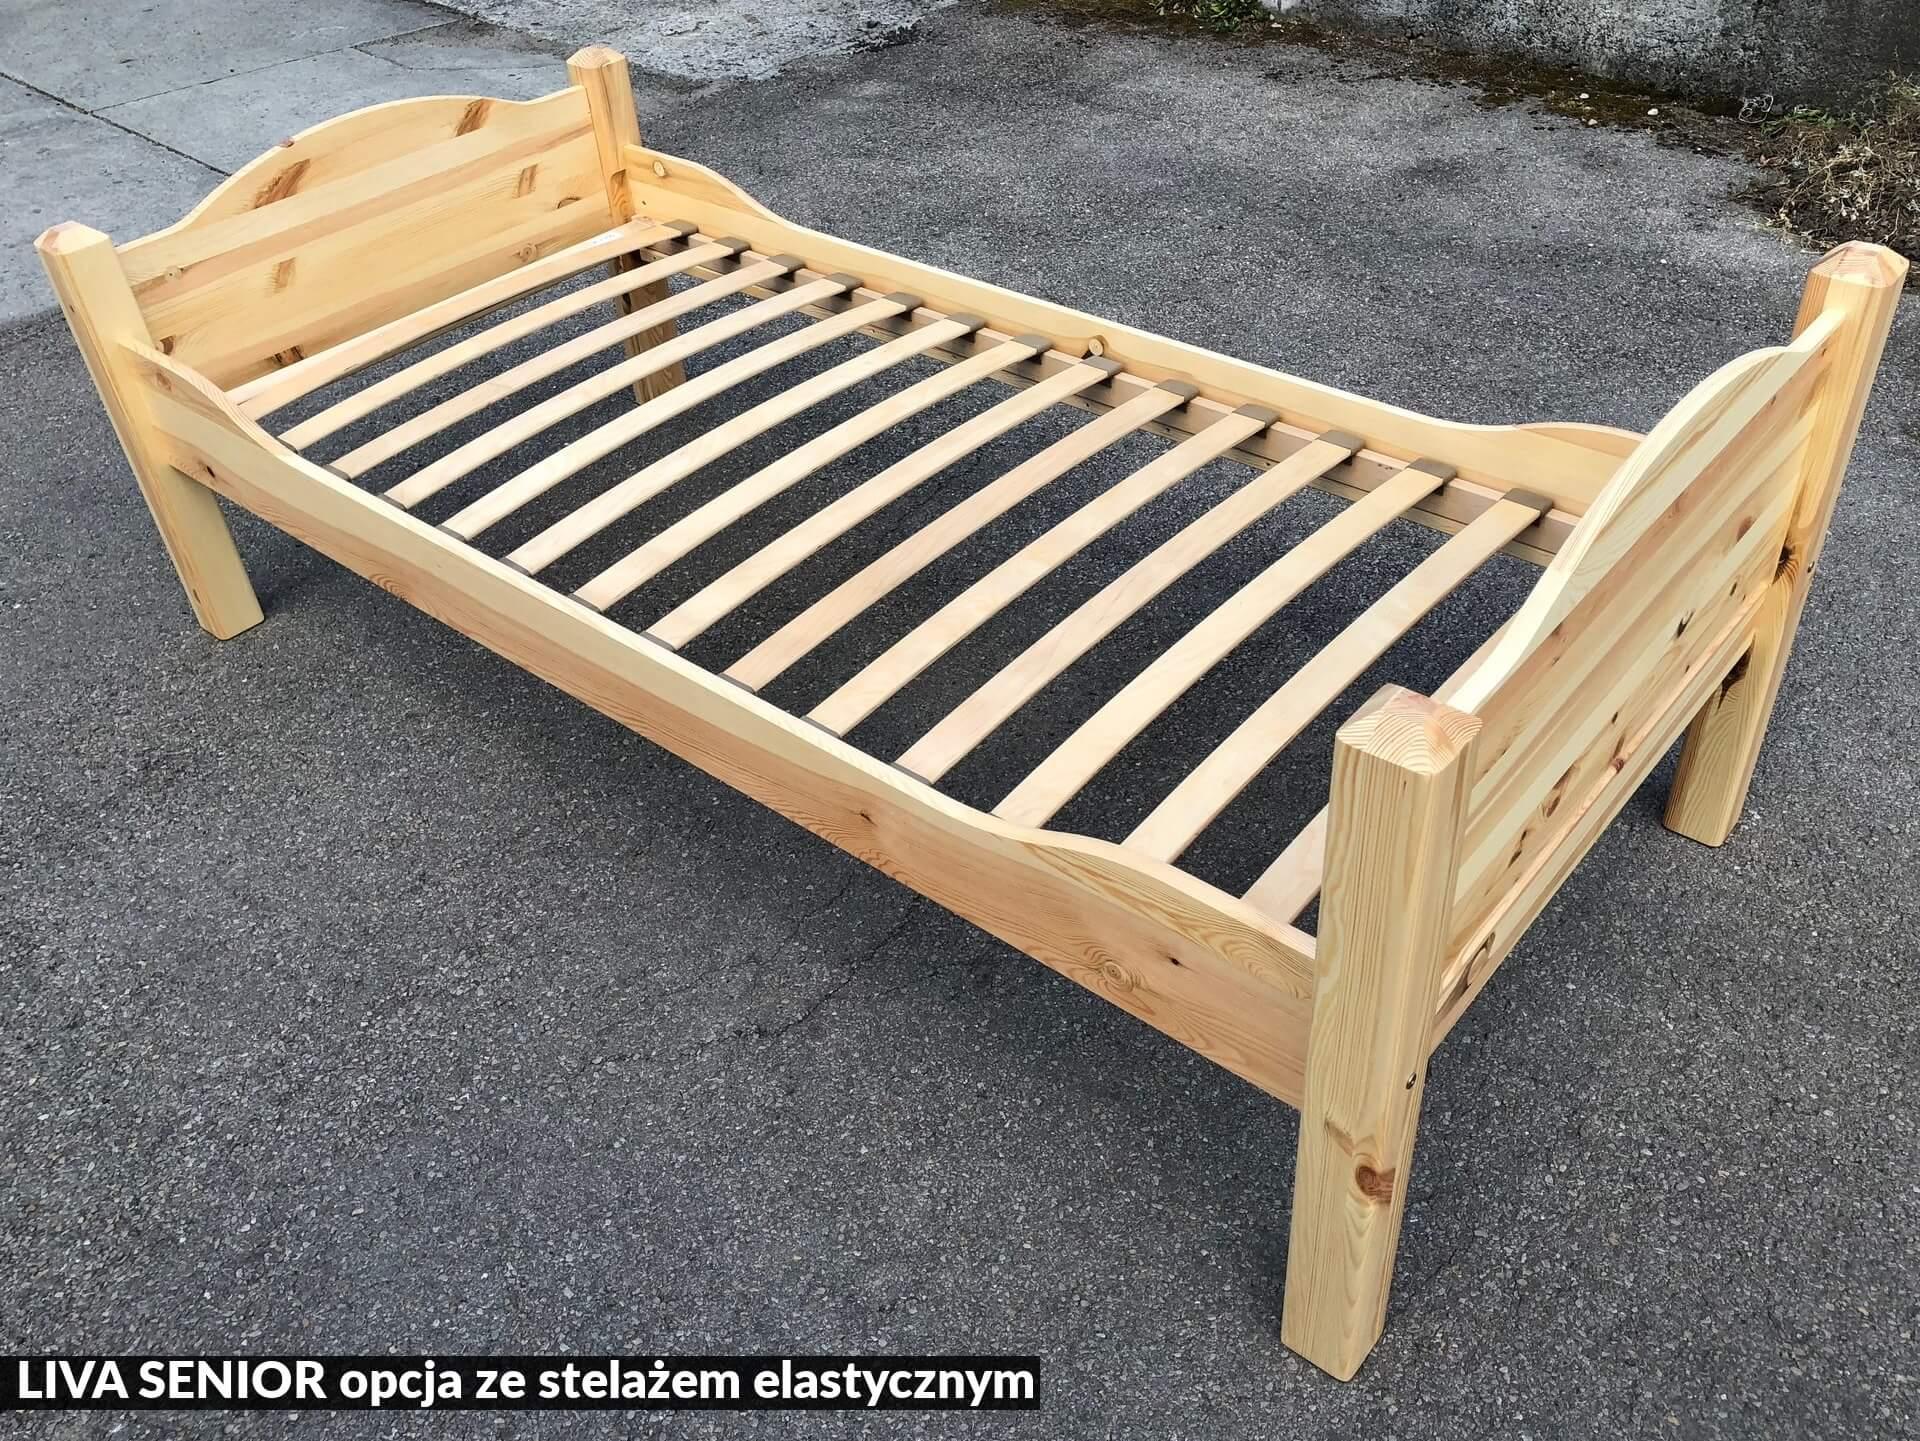 łóżko Sosnowe Liva Senior